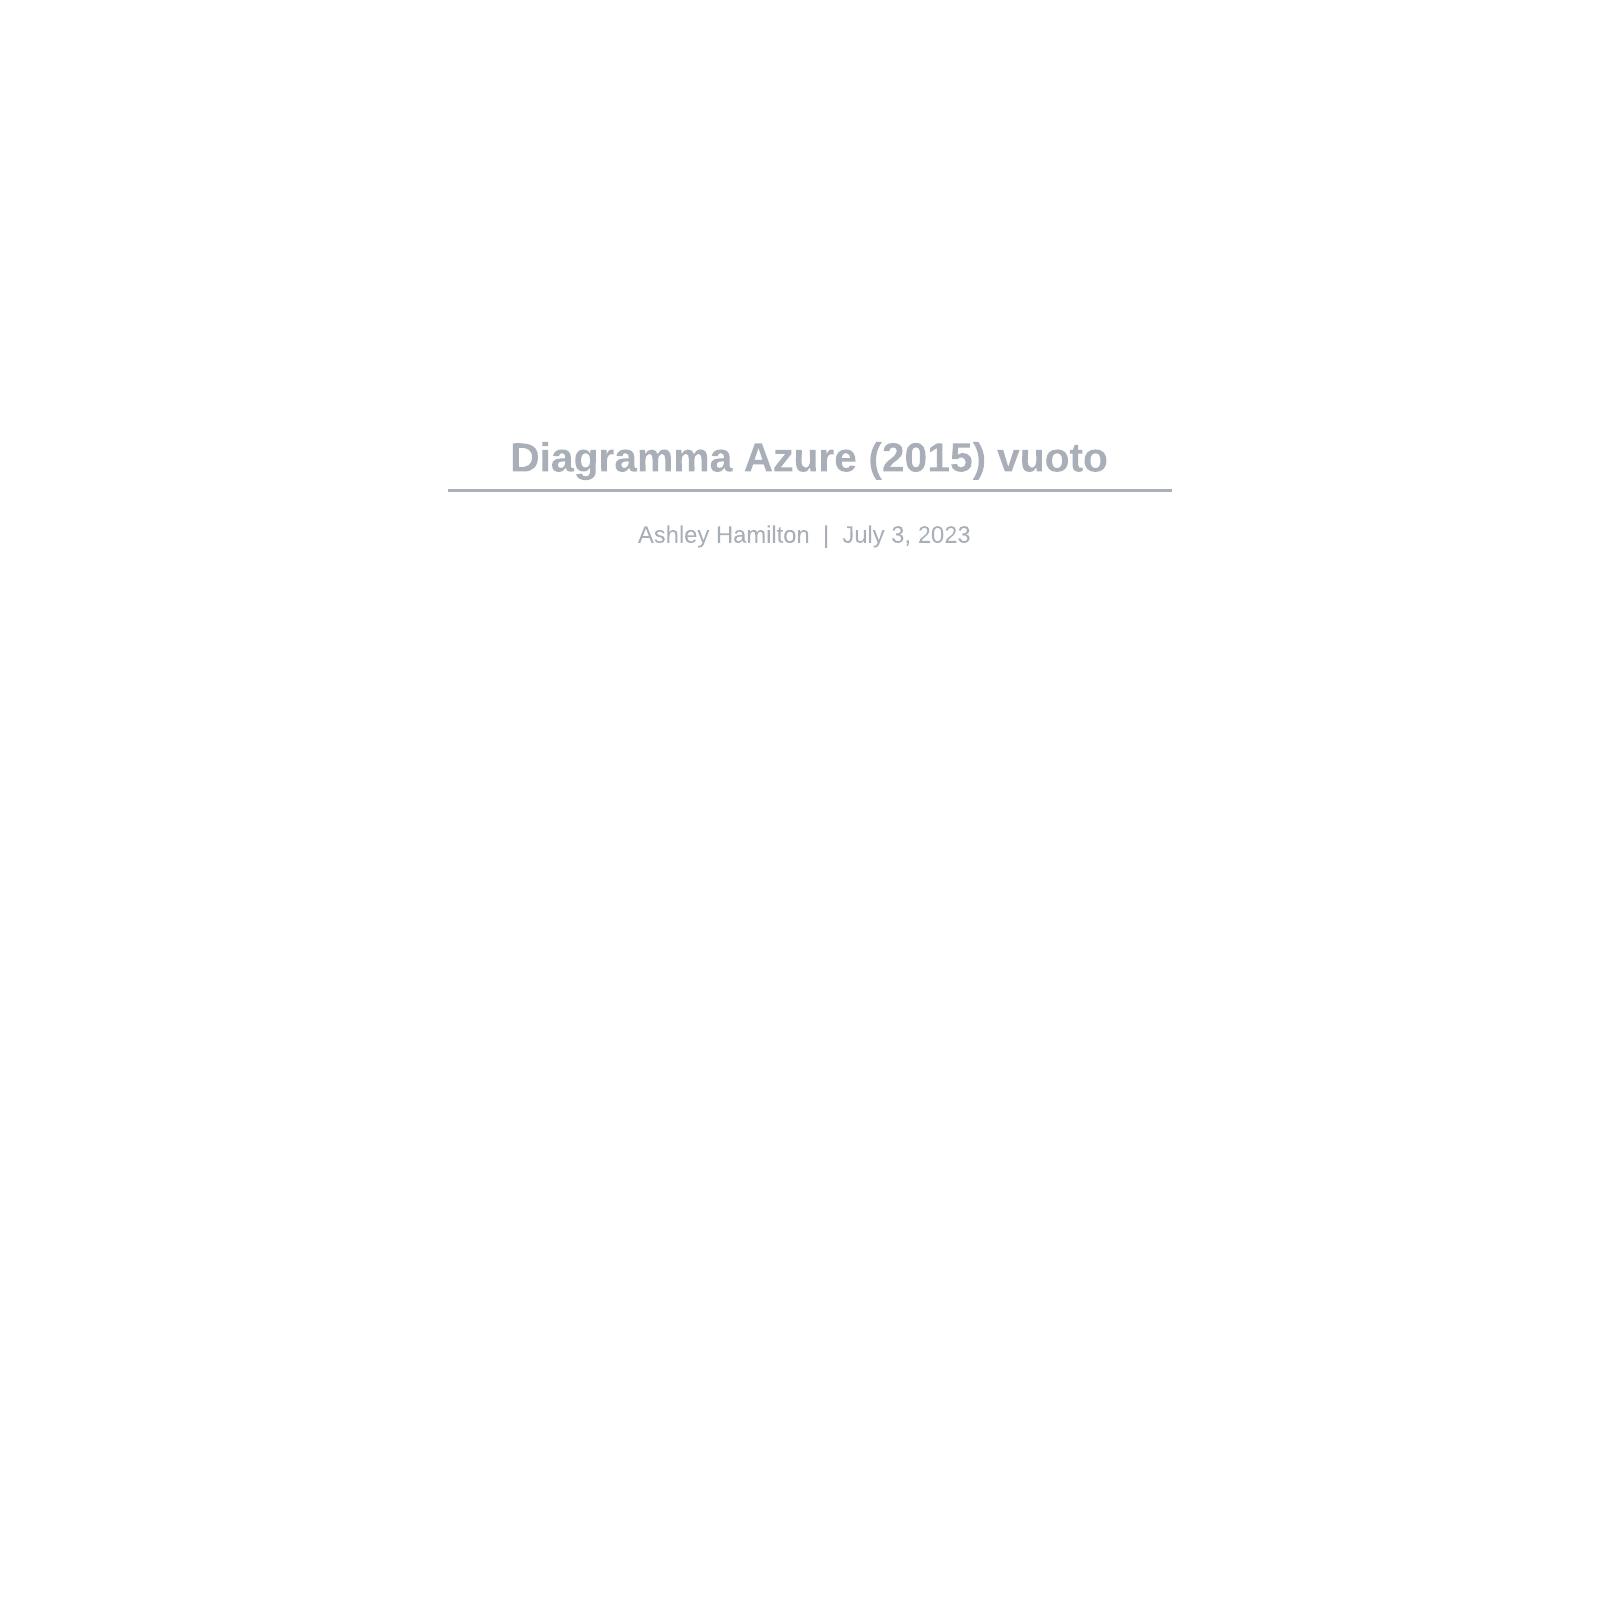 Diagramma Azure (2015) vuoto